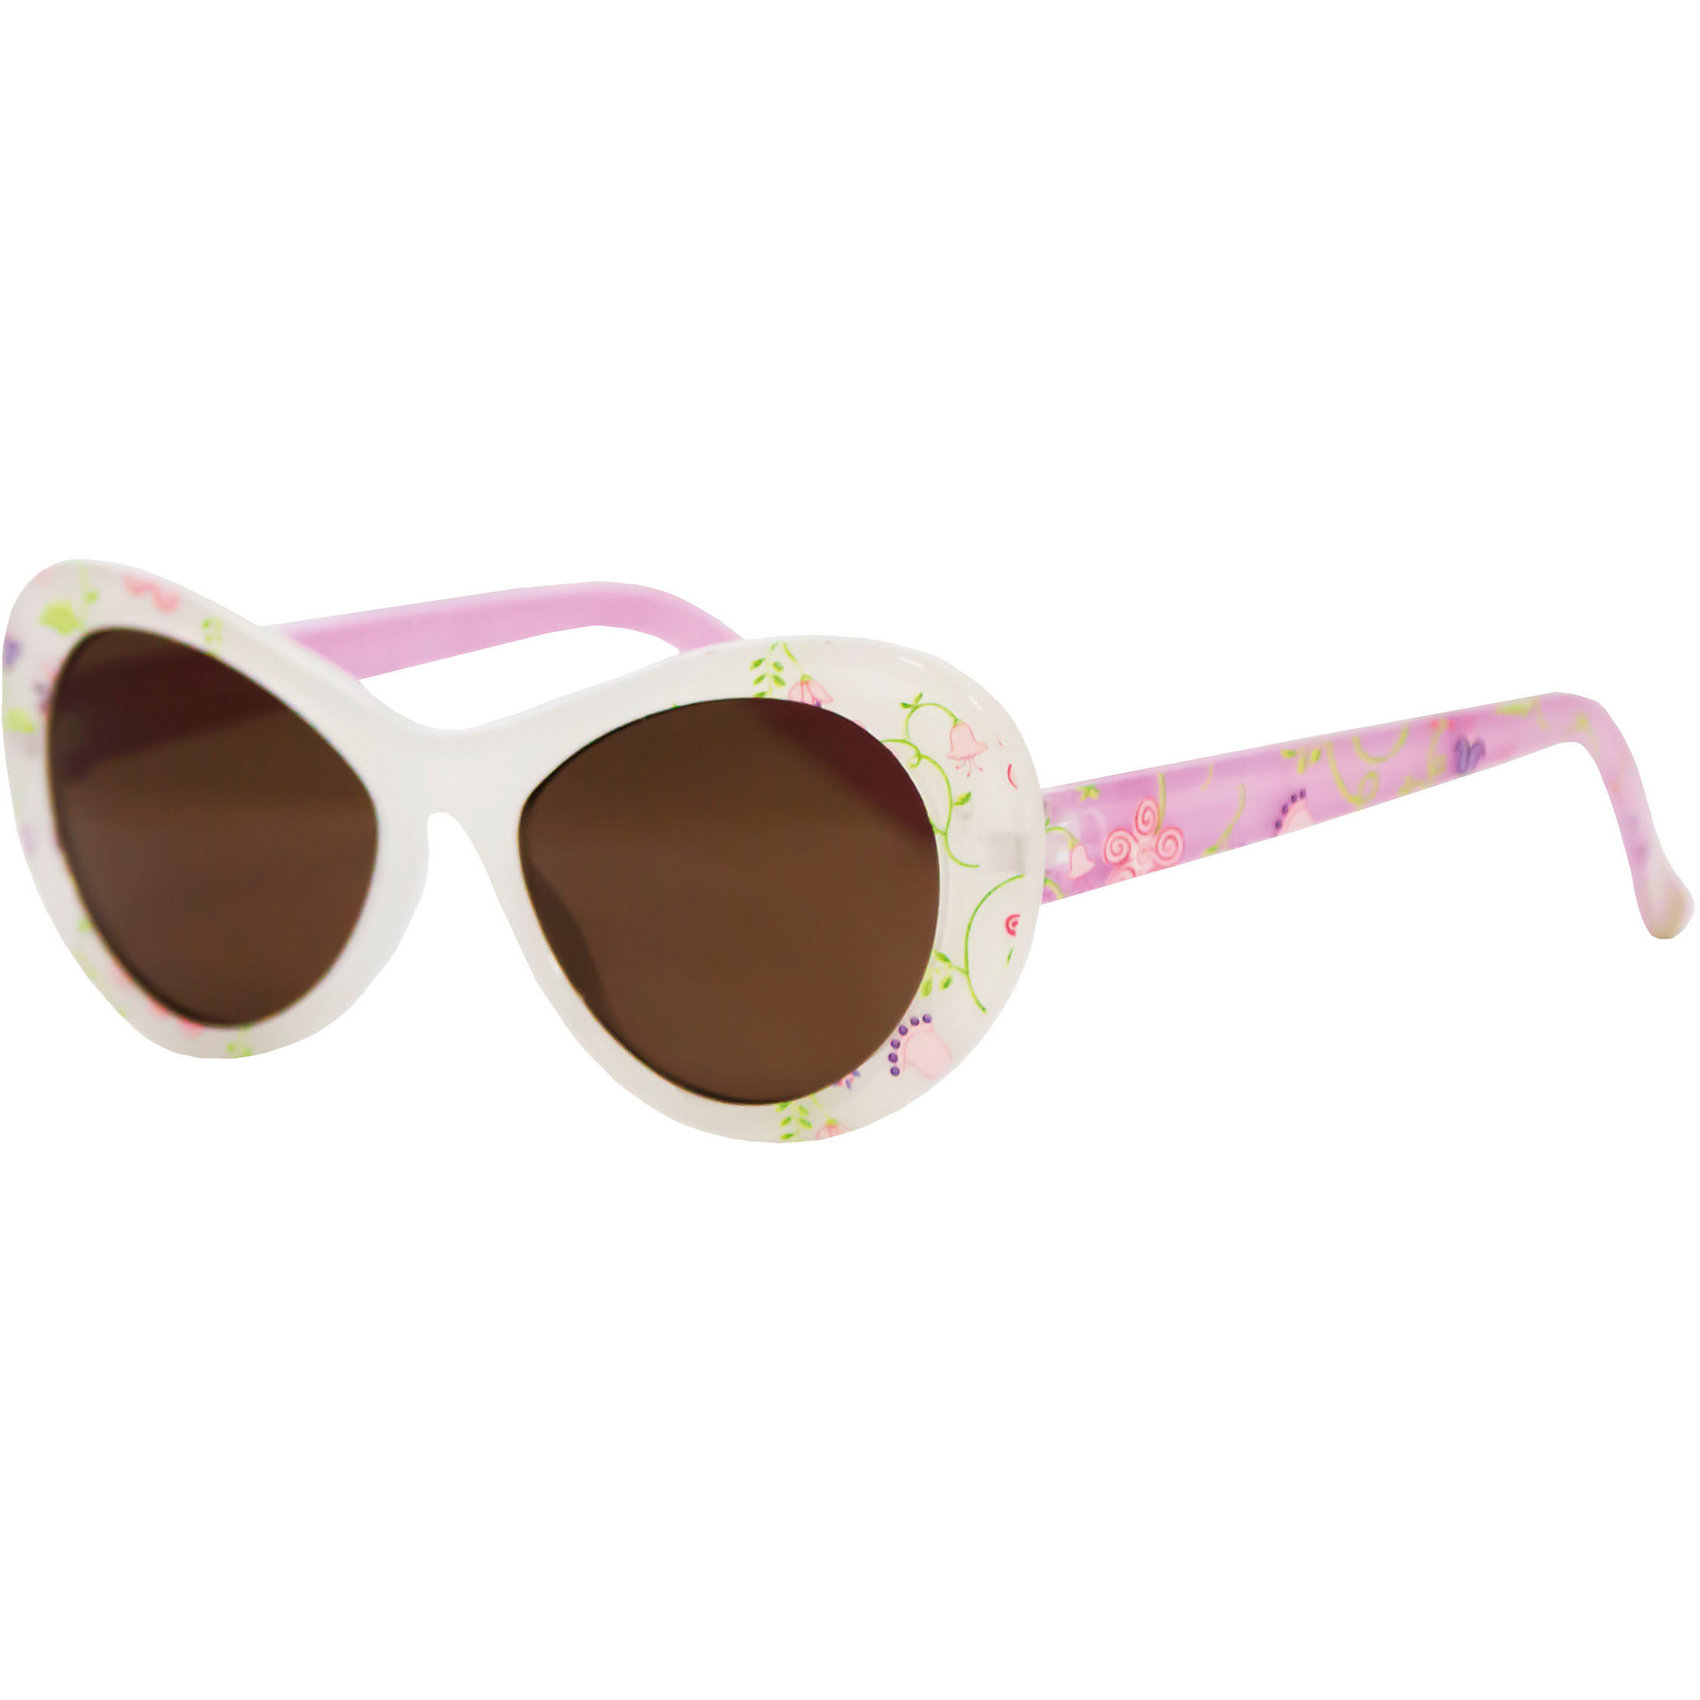 Росмэн Солнцезащитные очки Caramella caramella очки солнечные хамелеон бело розовые uv av защита